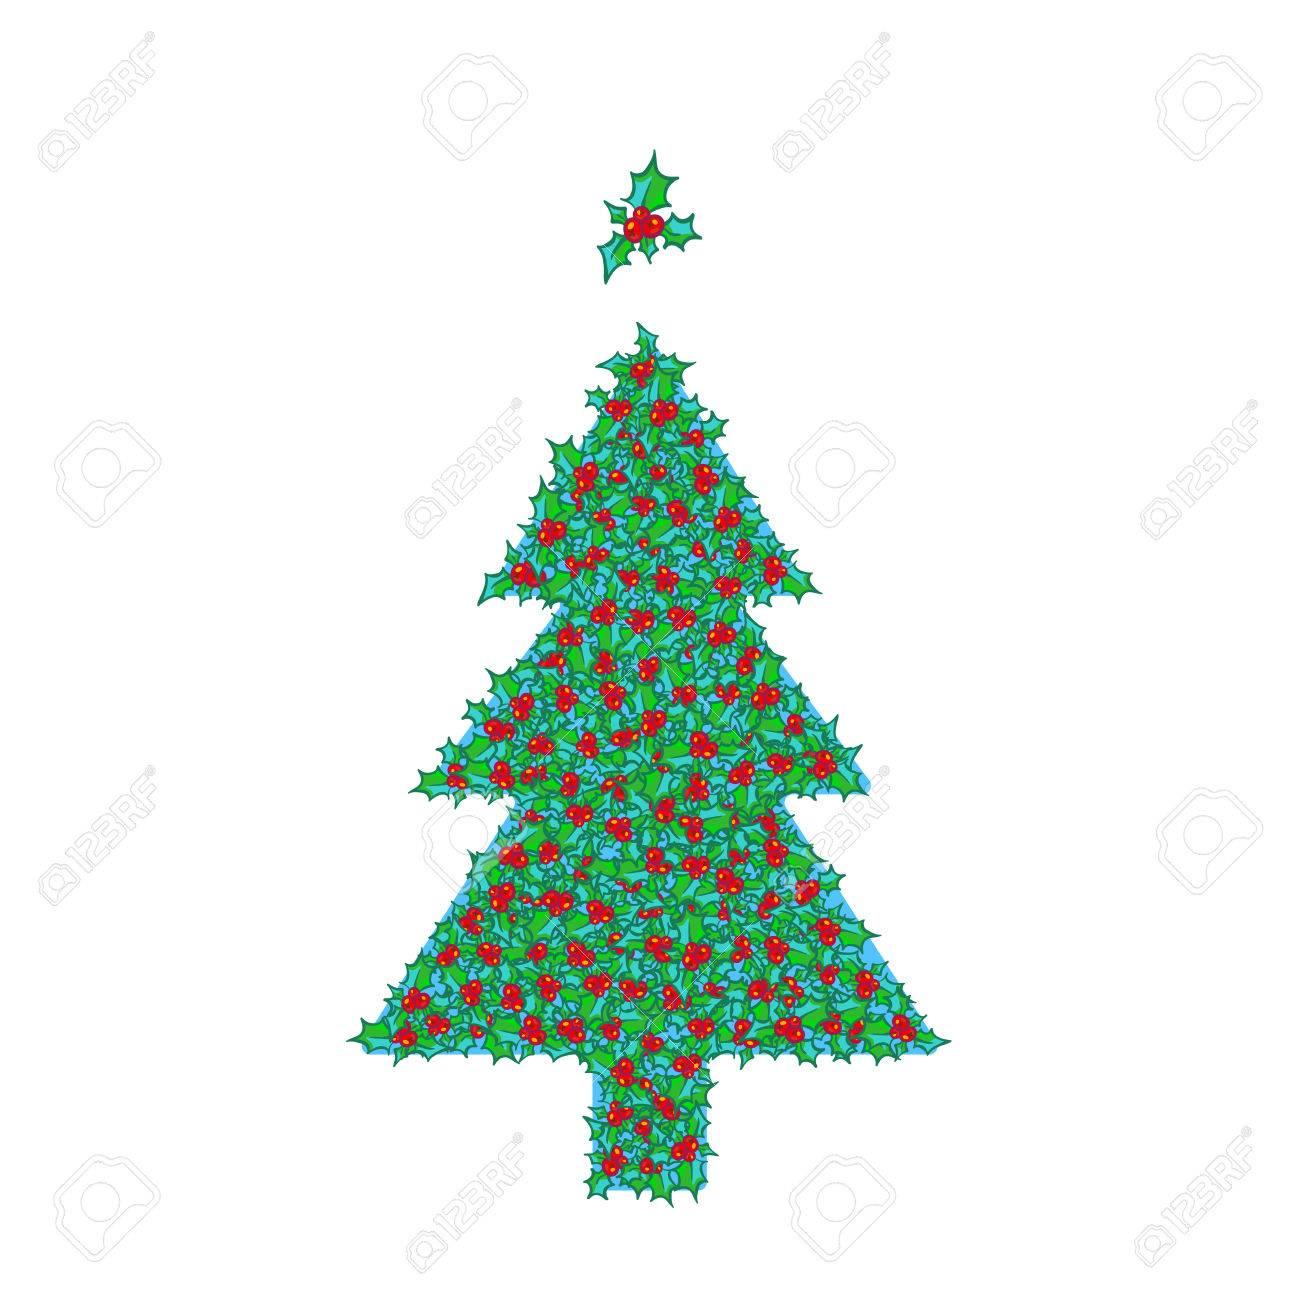 Holly Weihnachtsbaum Mit Baumdeckel Ornament Hand Gezeichnet